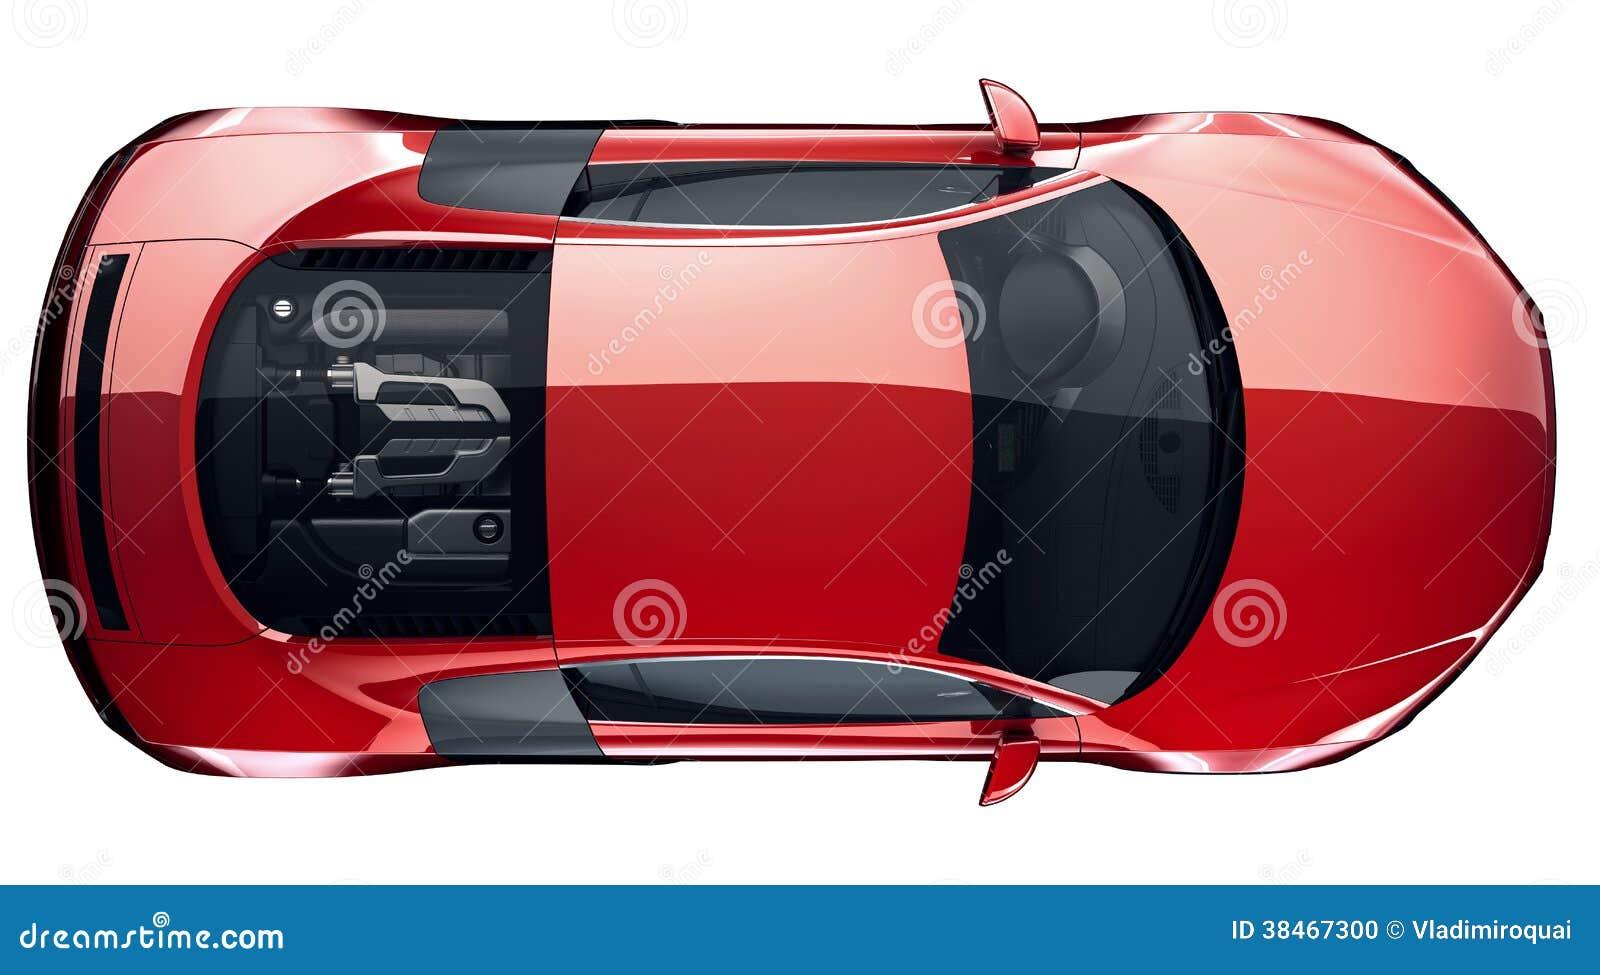 Röd sportbil - bästa sikt